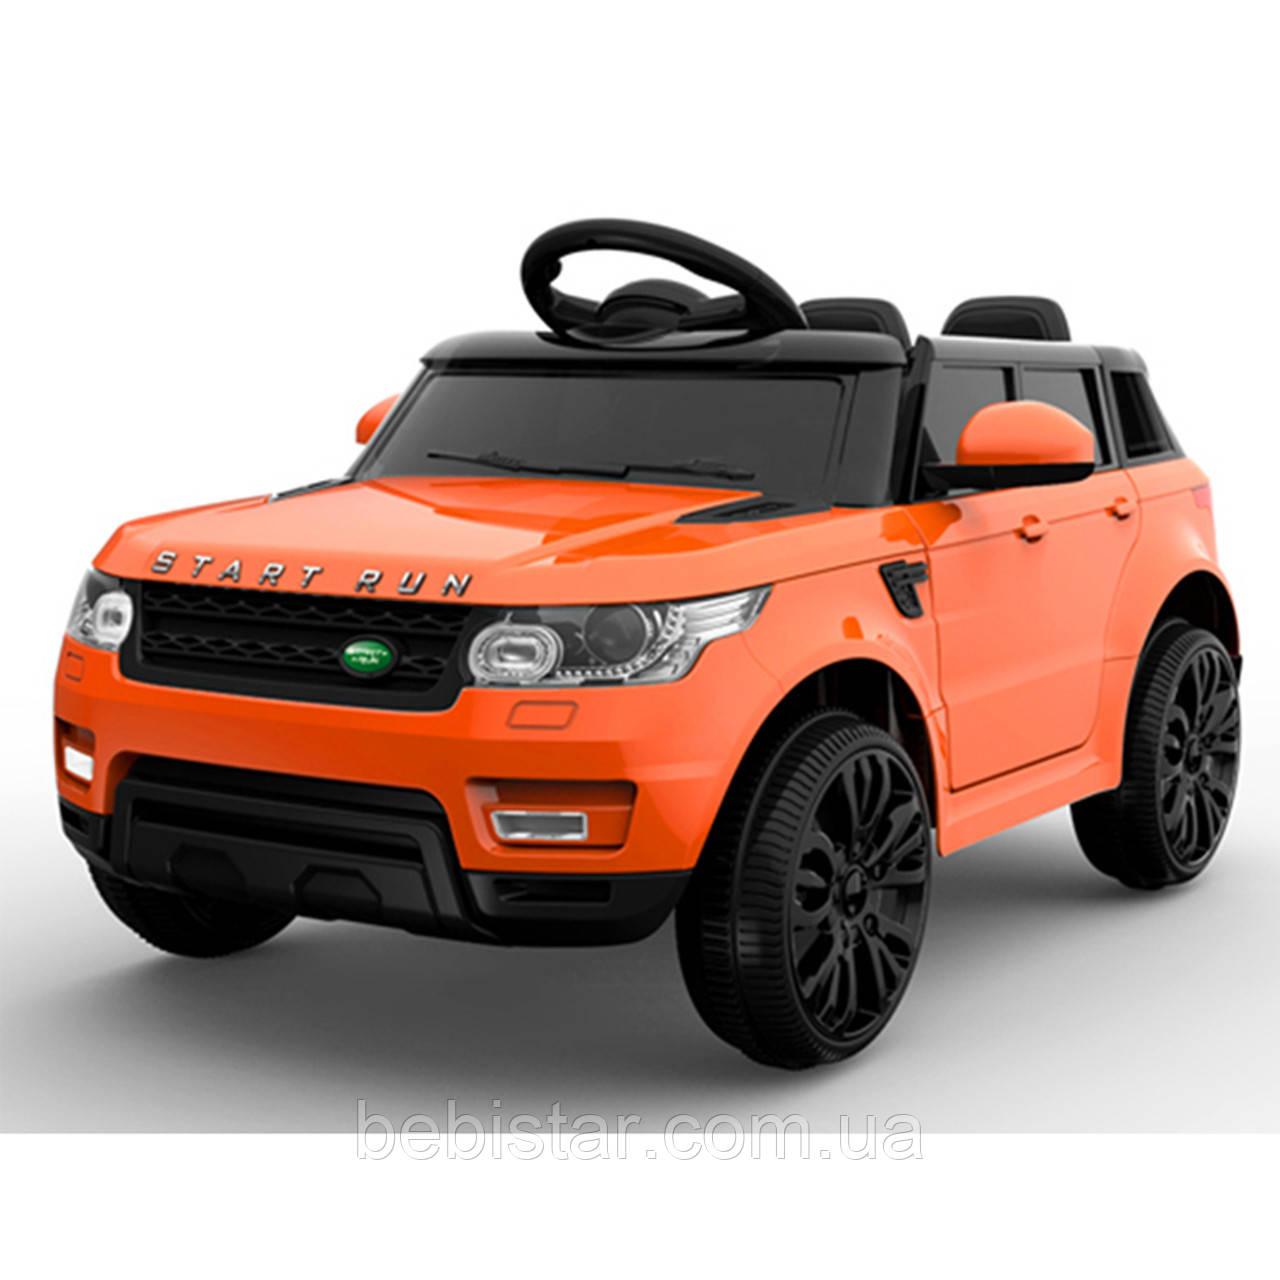 Детский электромобиль FL1638 EVA ORANGE деткам 3-8 лет  с пультом мотор 2*25W